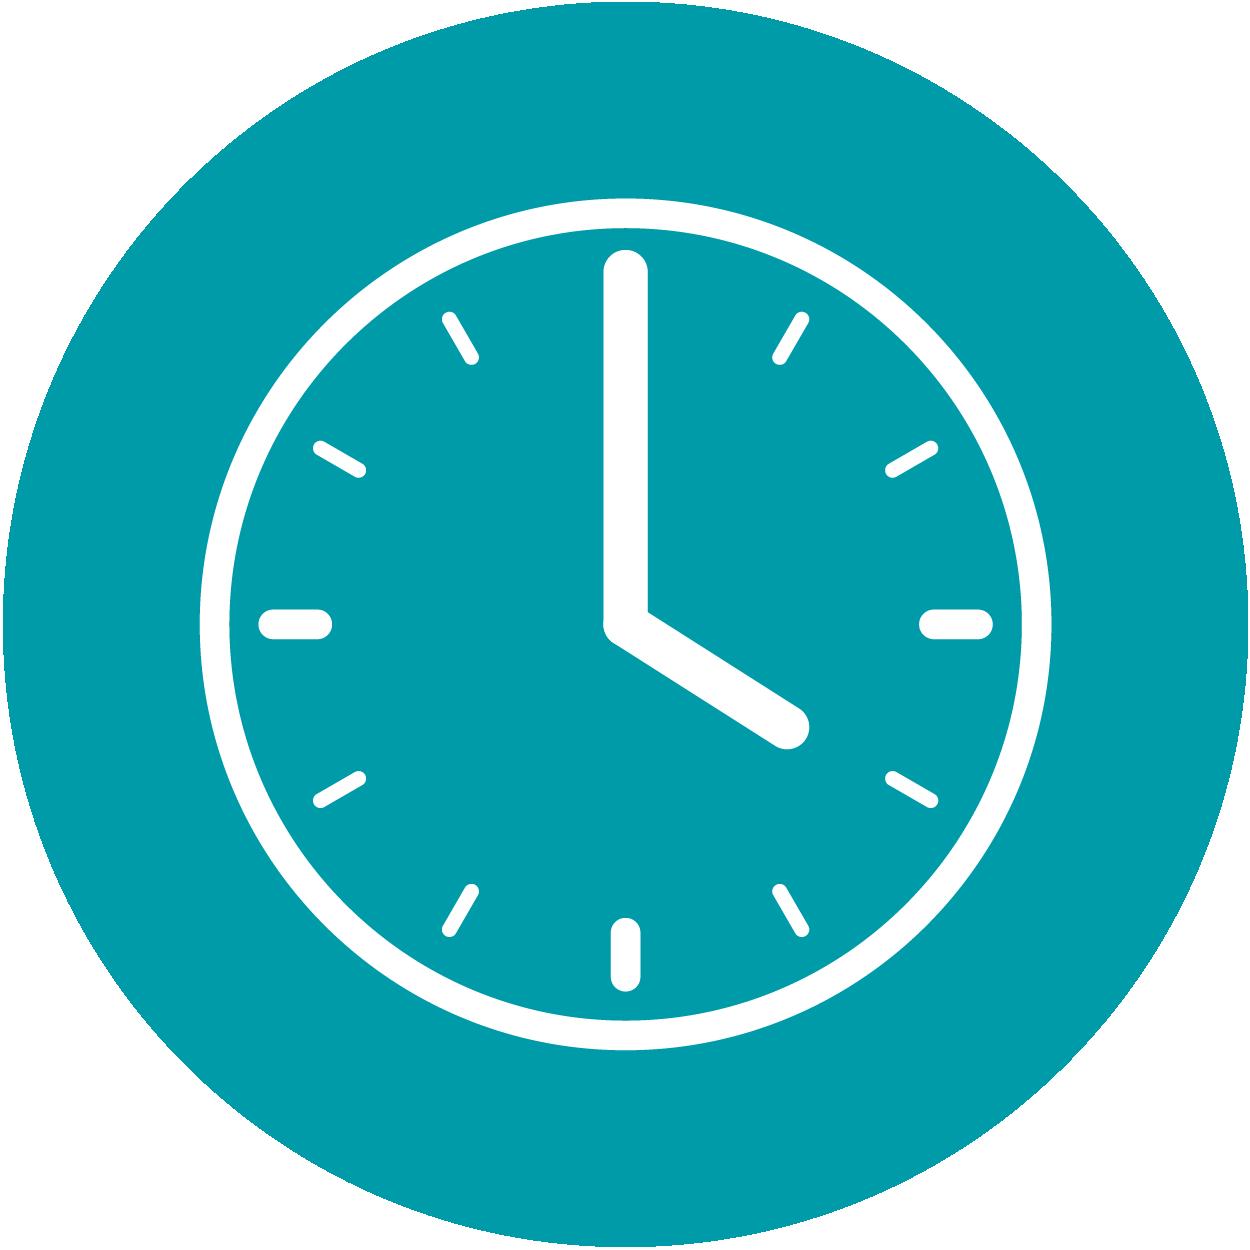 Ein Icon in Form einer Uhr, sie steht für die Dauer der Operation